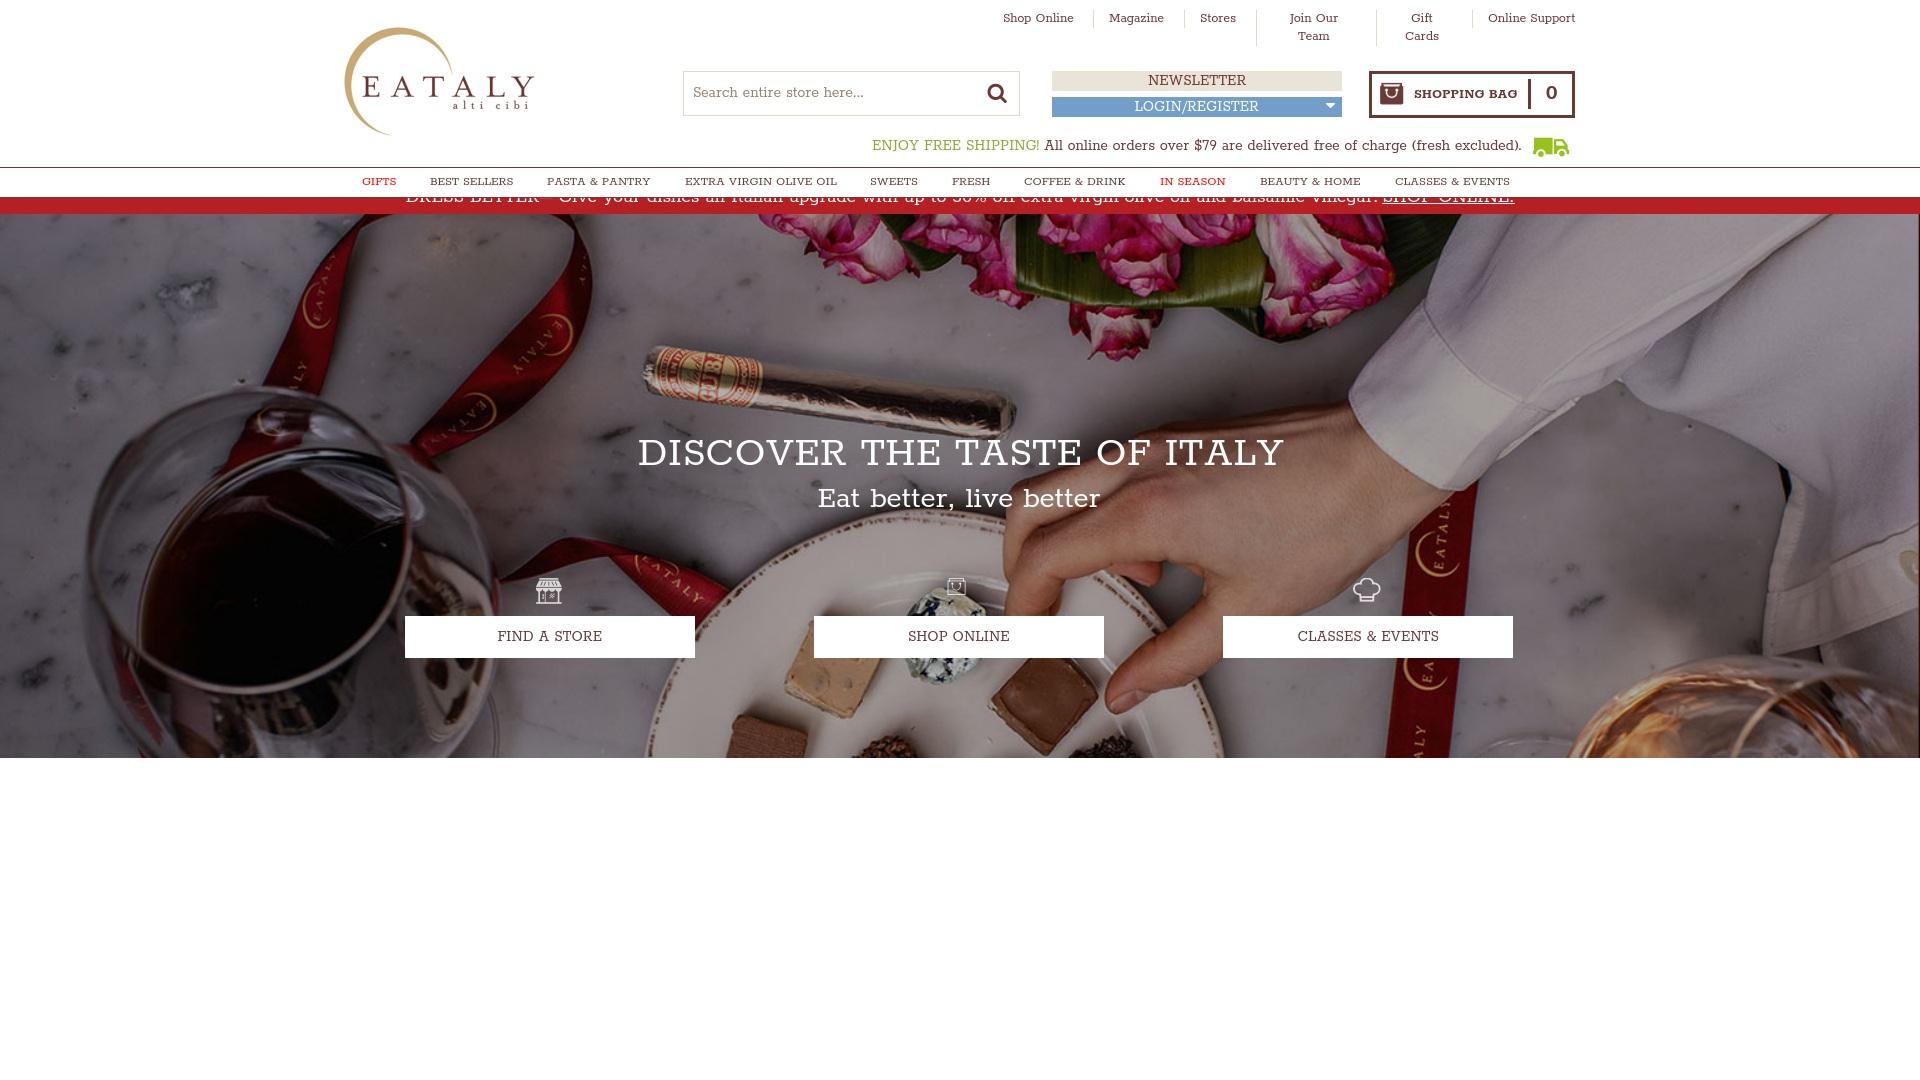 Gutschein für Eataly: Rabatte für  Eataly sichern